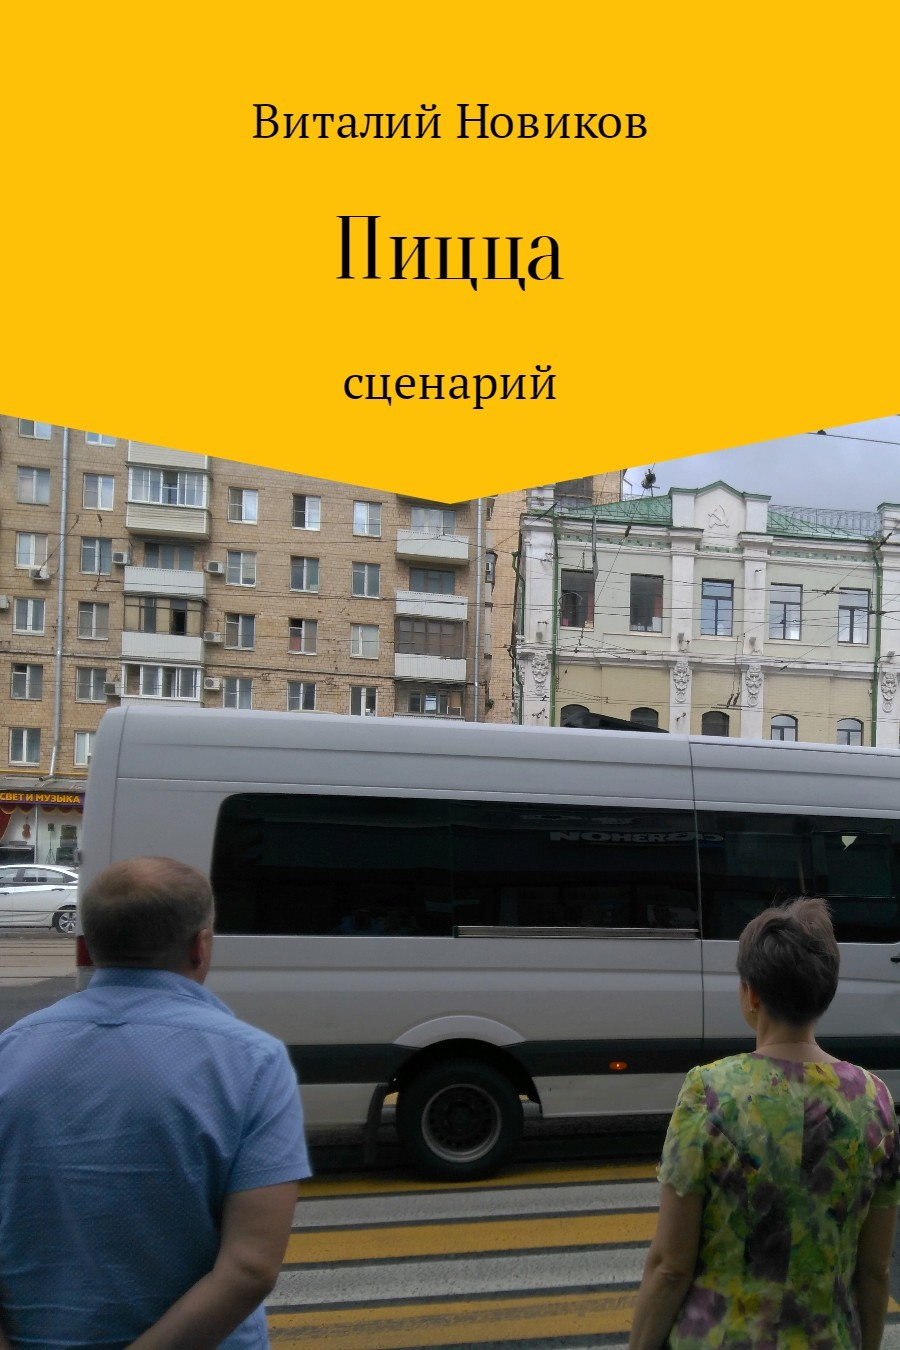 Виталий Новиков Пицца виталий новиков grafоман